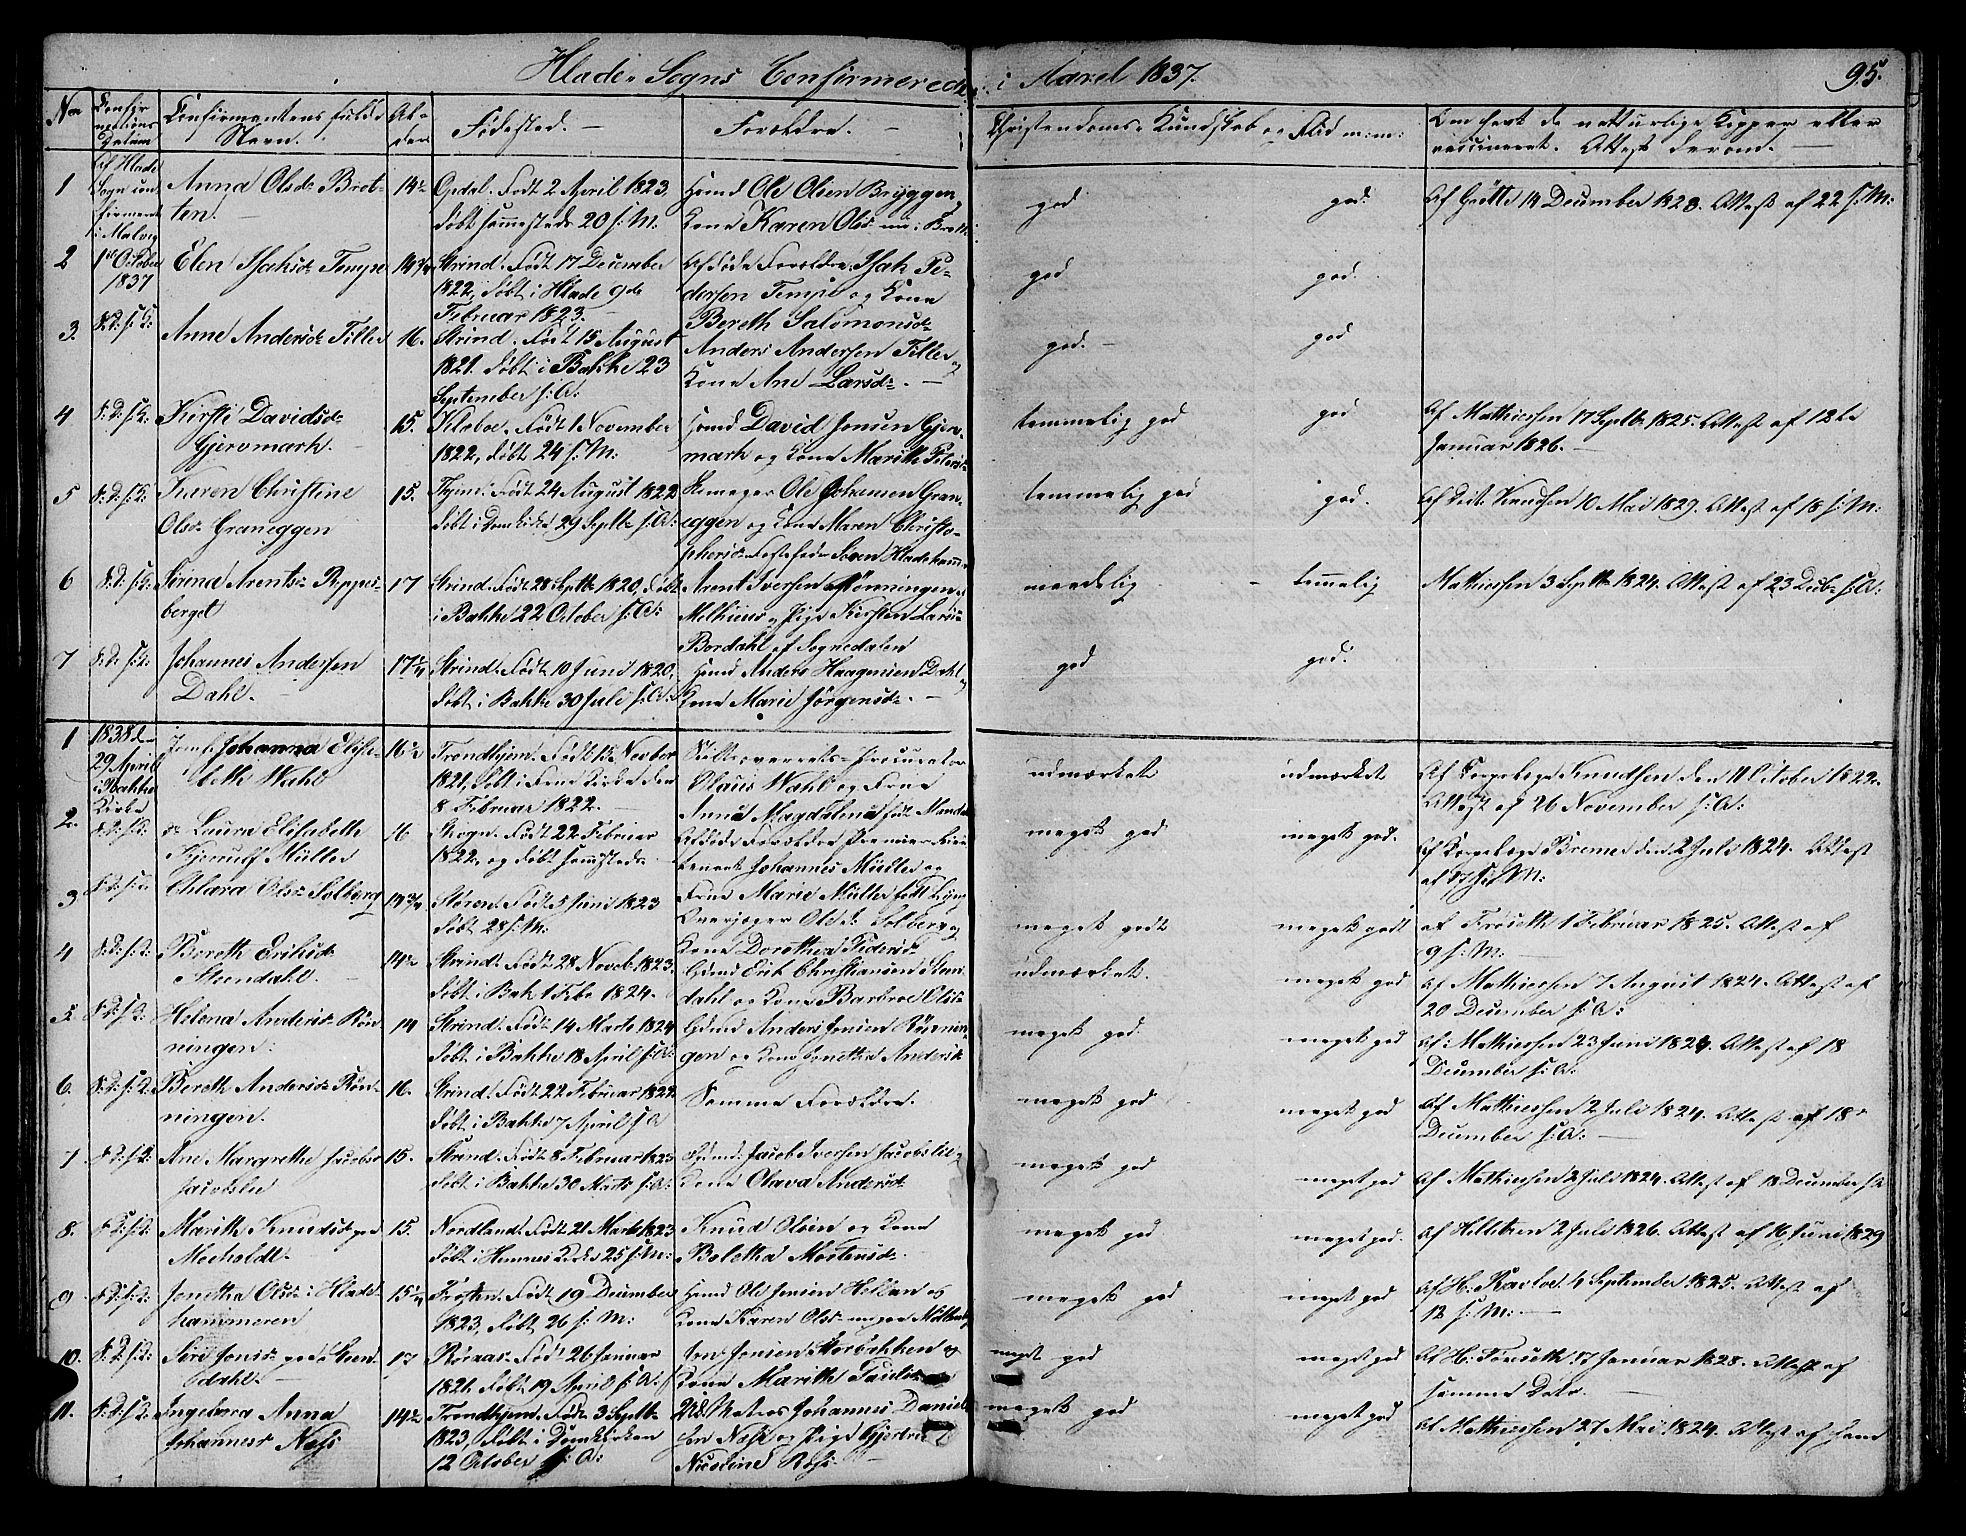 SAT, Ministerialprotokoller, klokkerbøker og fødselsregistre - Sør-Trøndelag, 606/L0308: Klokkerbok nr. 606C04, 1829-1840, s. 95